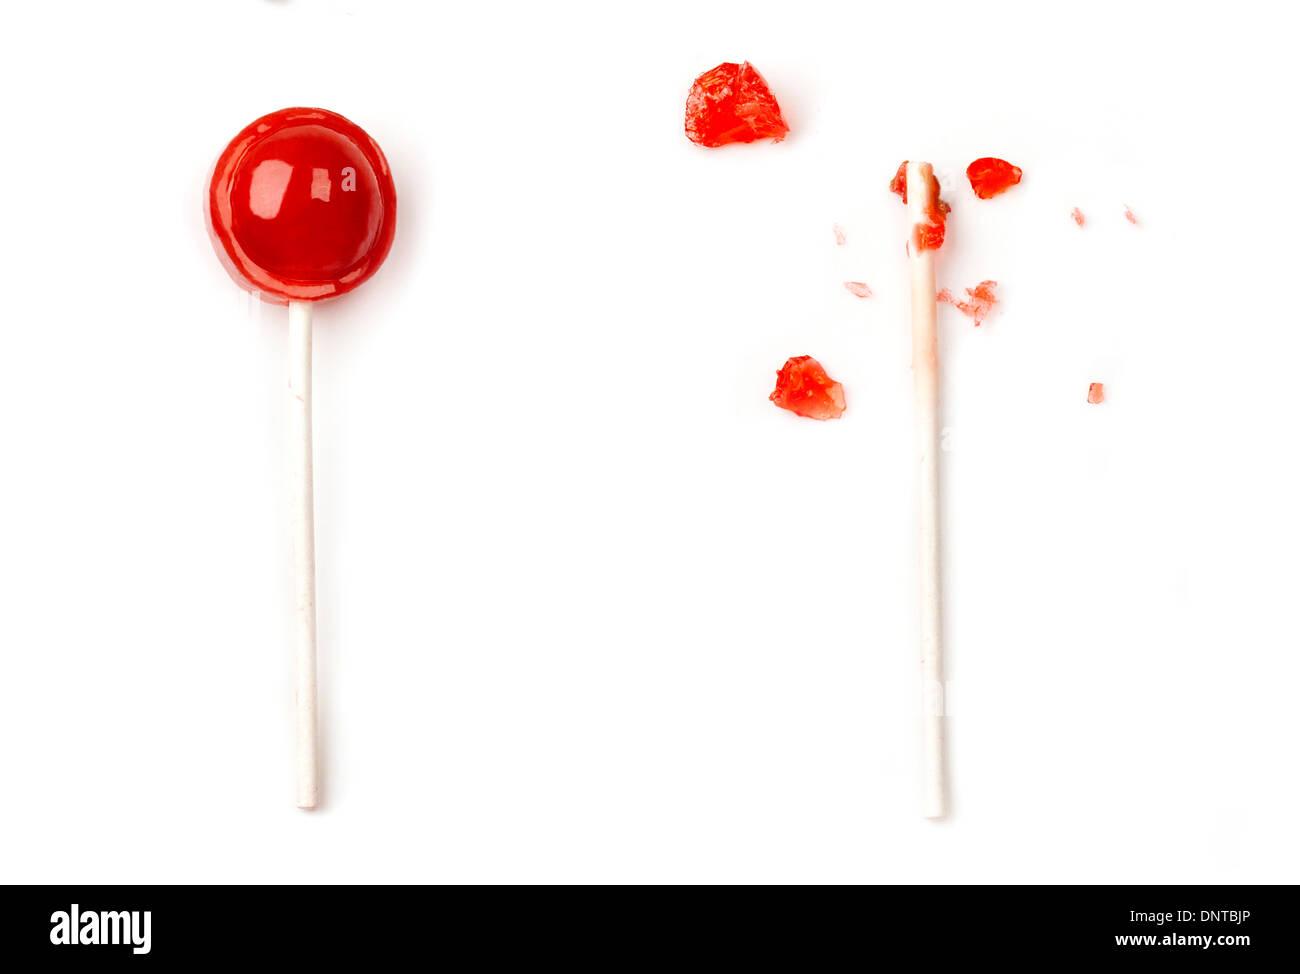 Comido Tootsie Roll pop Imagen De Stock